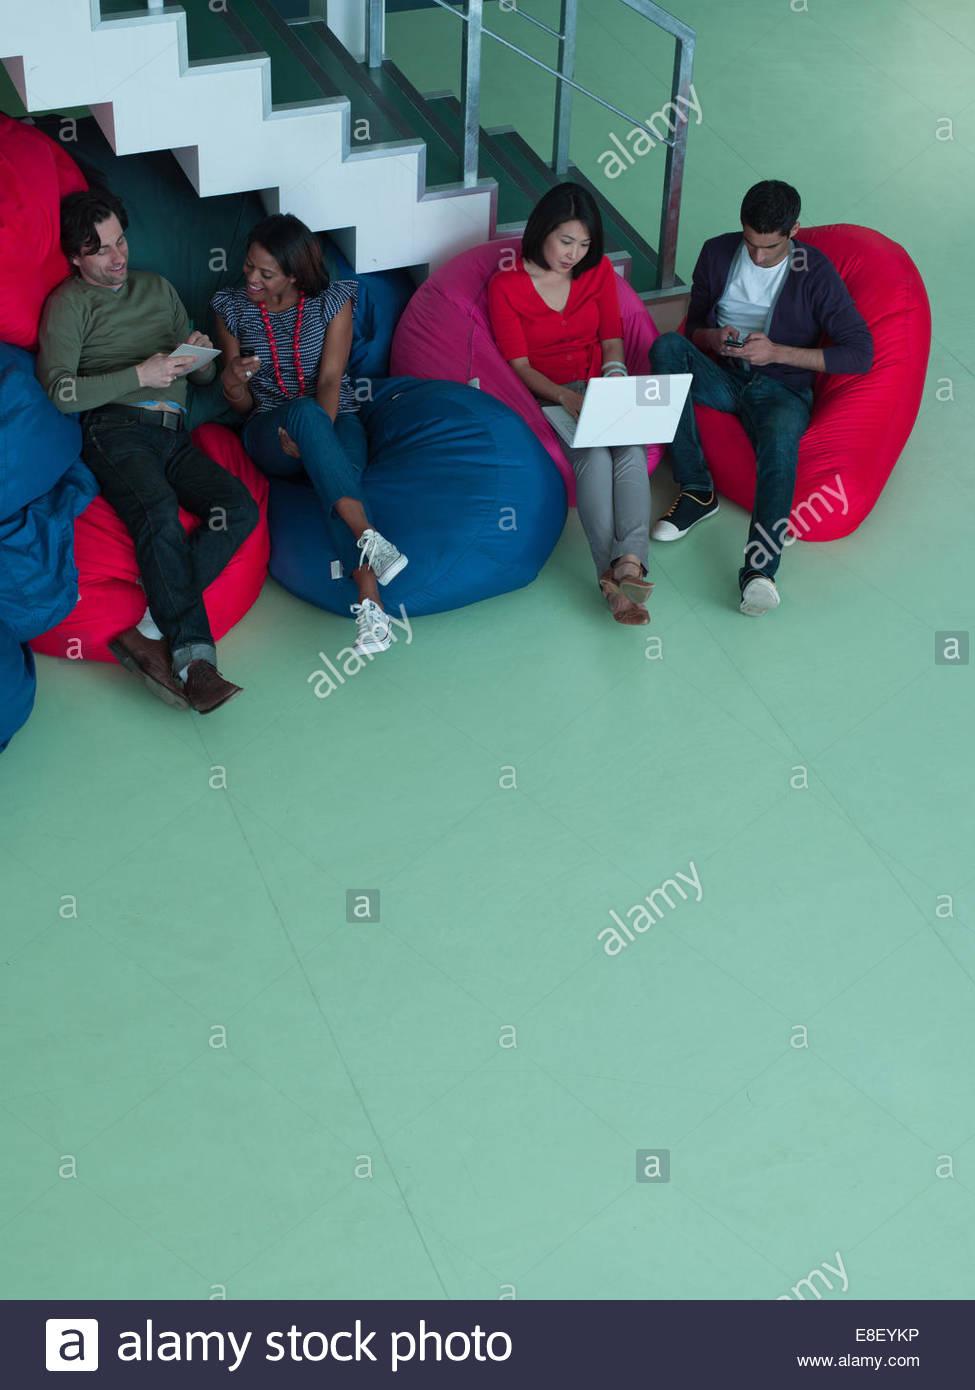 Les gens d'affaires dans des sièges-sacs looking at laptop Photo Stock